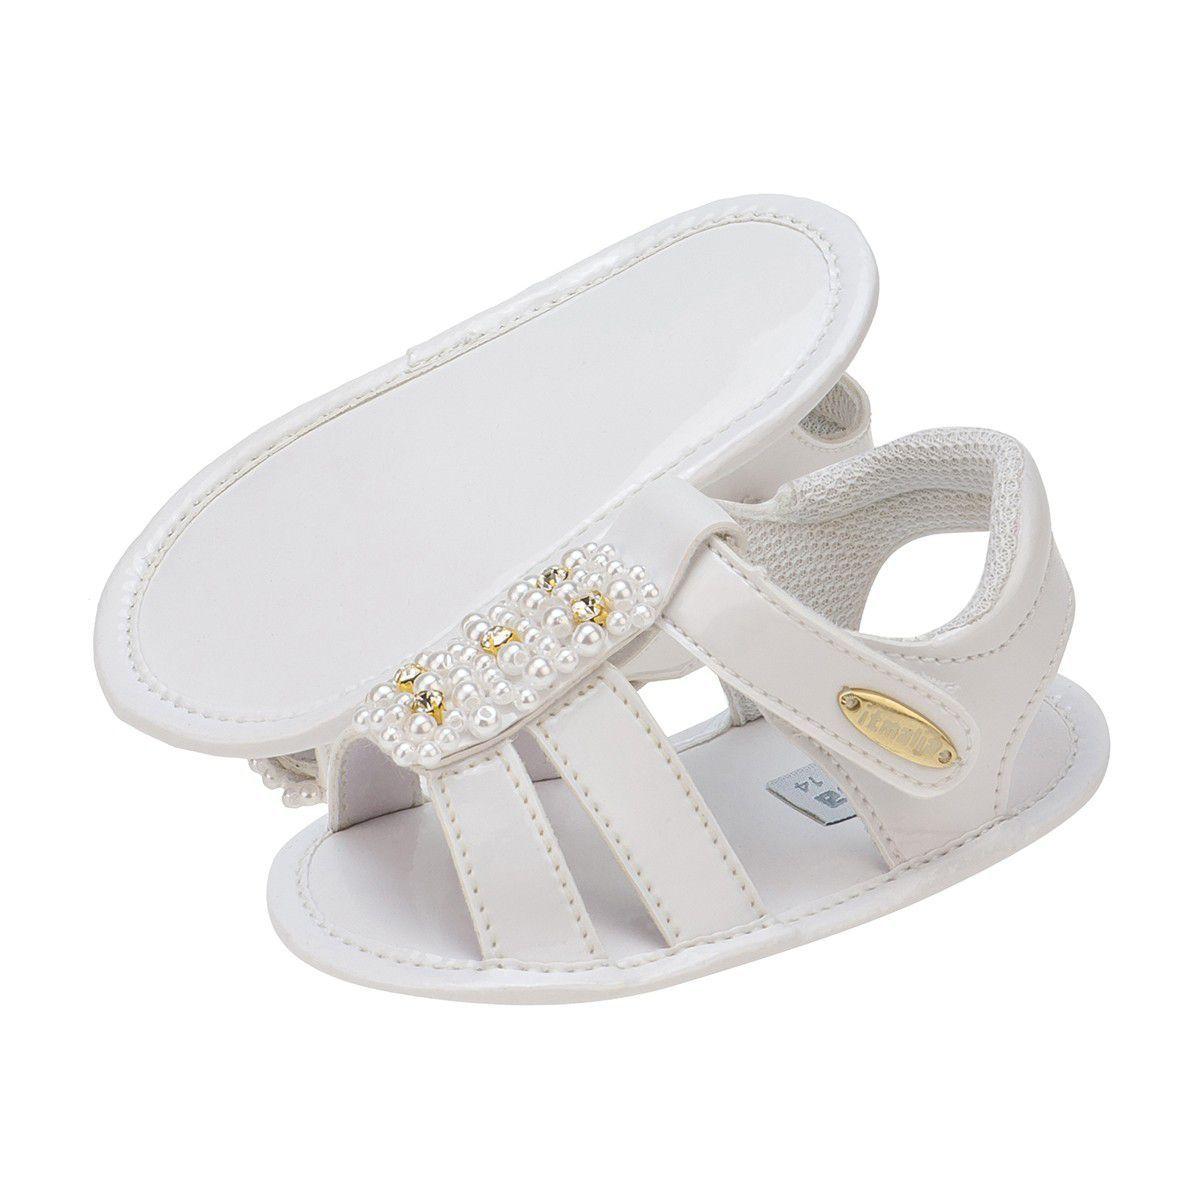 Sandália Branca Bebê Menina enfeite Perolas - Itmalia